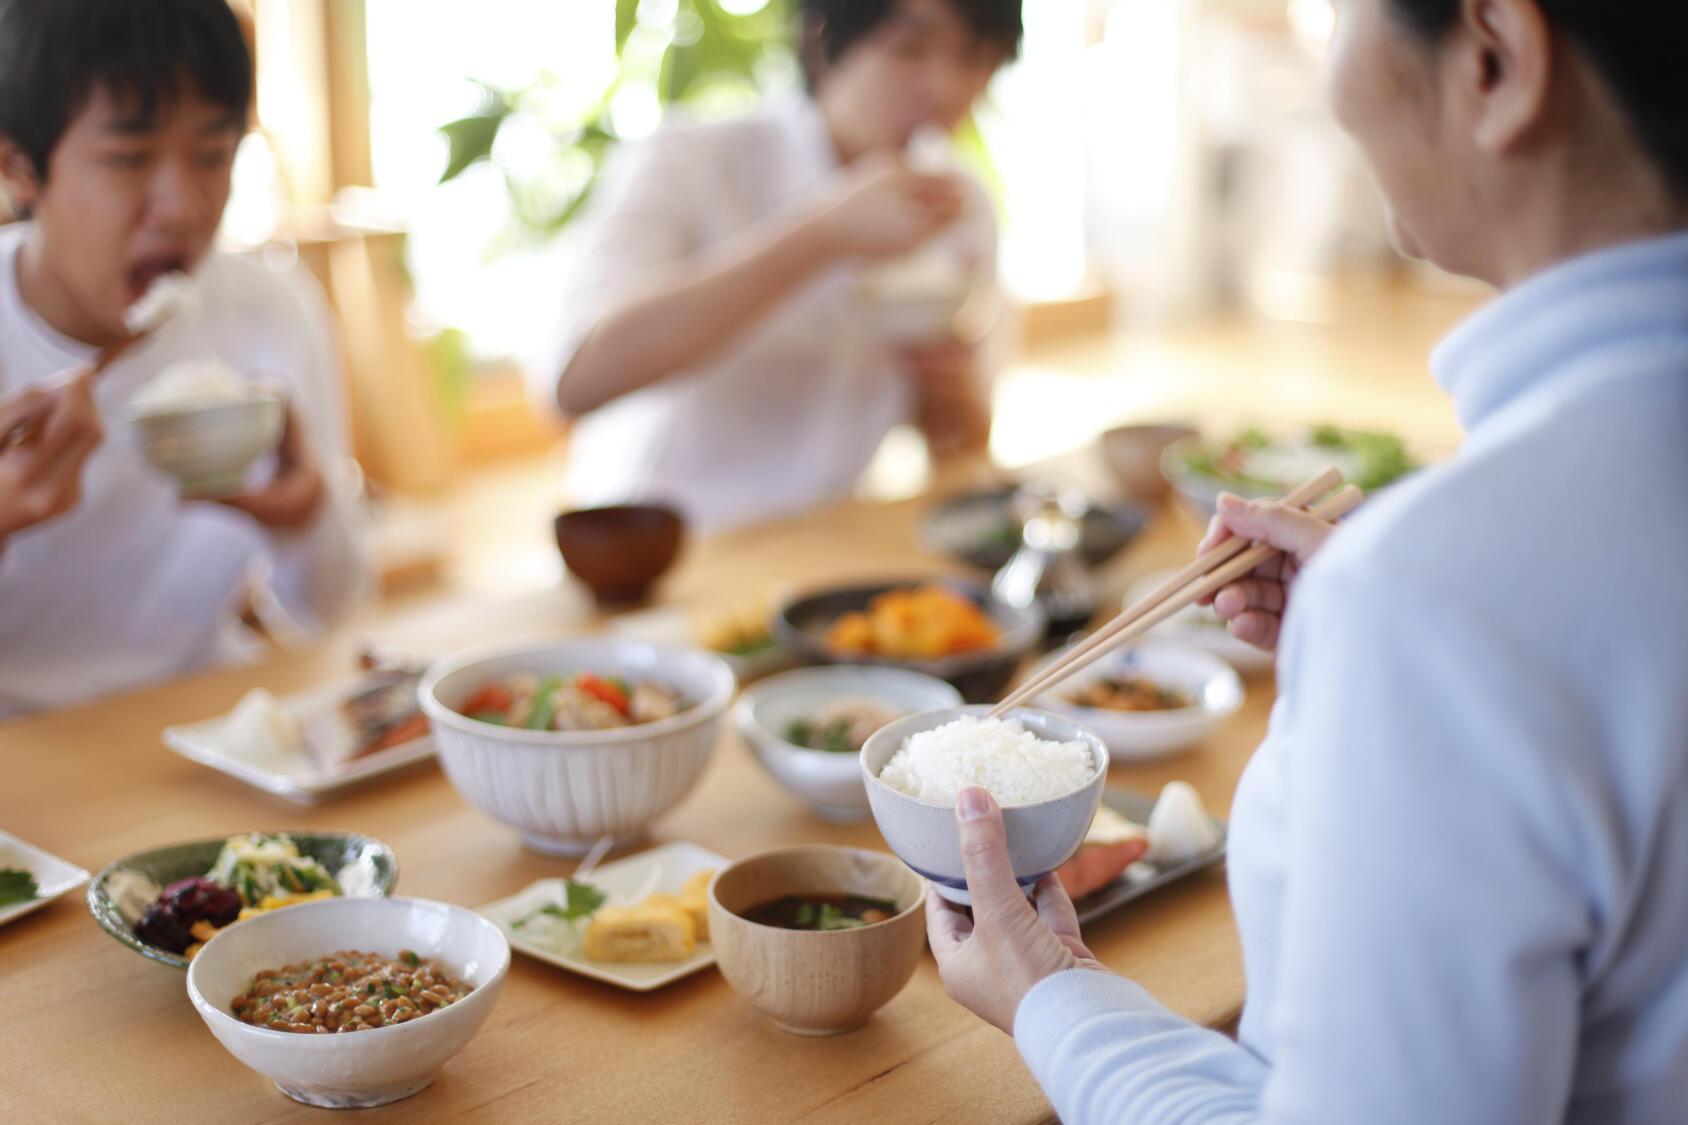 食育推進基本計画の目標は多くが未達成―「令和元年度食育白書」を公表